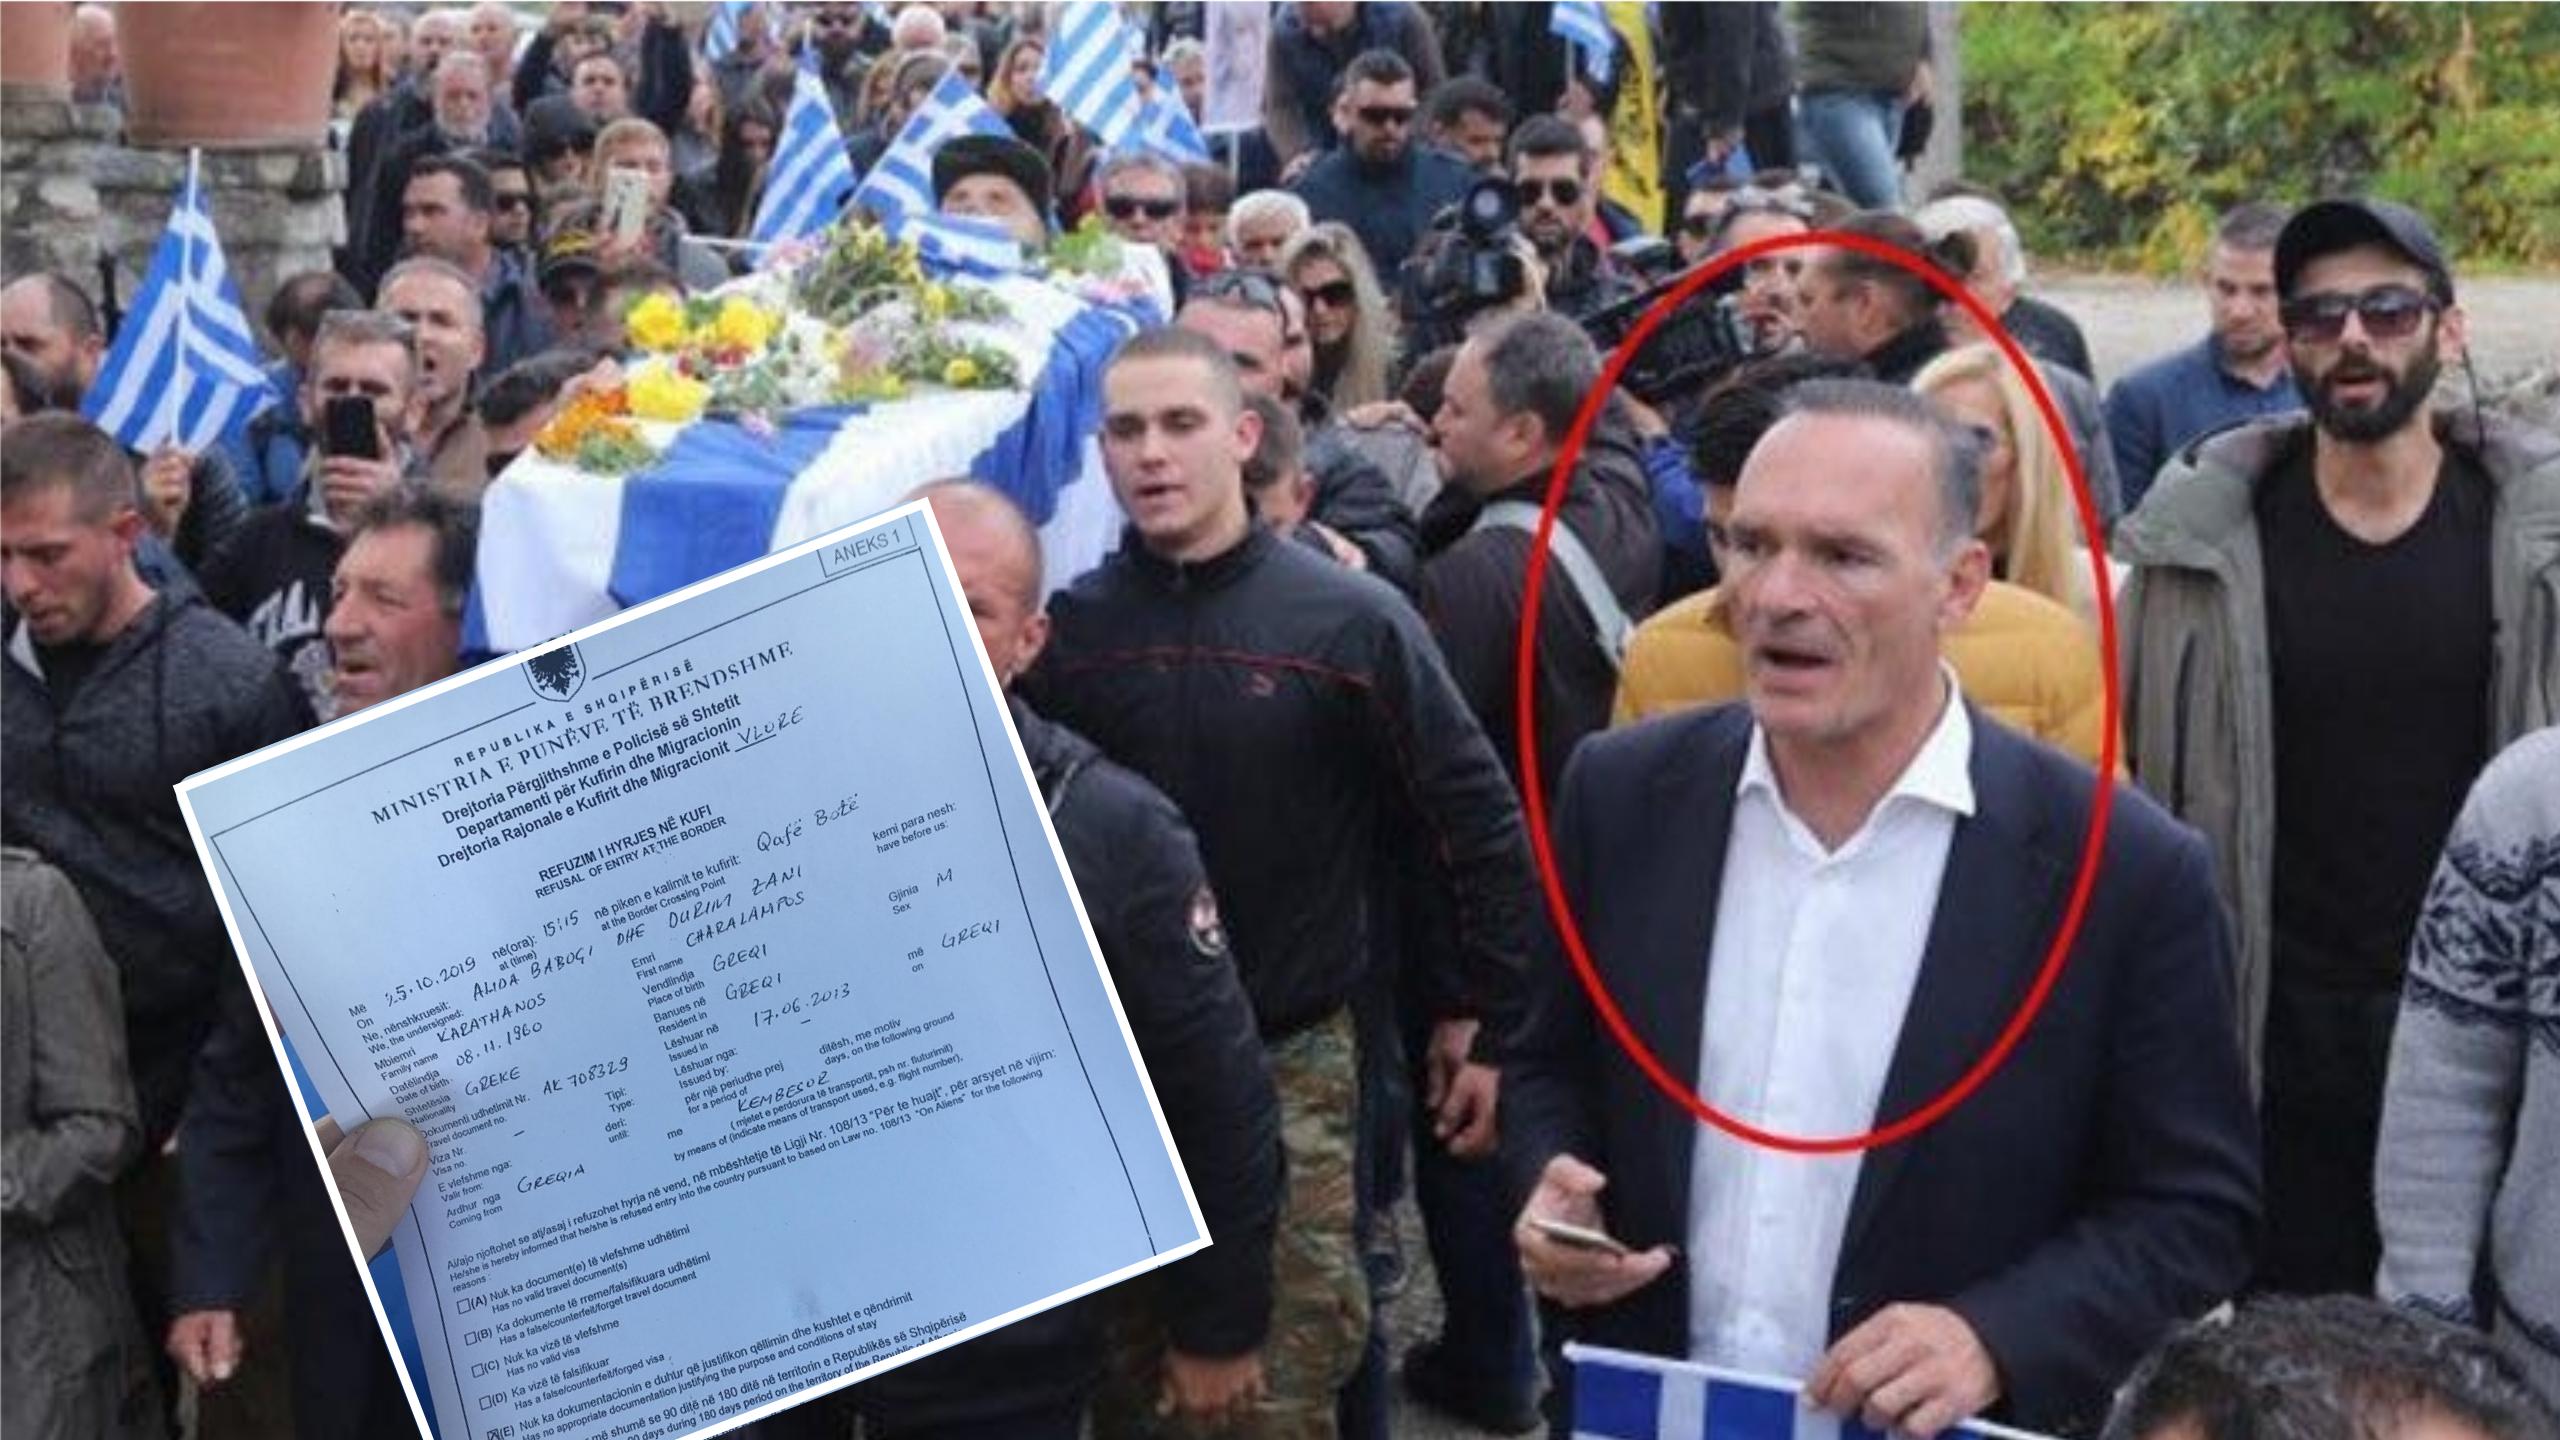 FOTO/ Del dokumenti, kështu iu ndalua hyrja në Shqipëri ekstremistit grek Babis Karathano